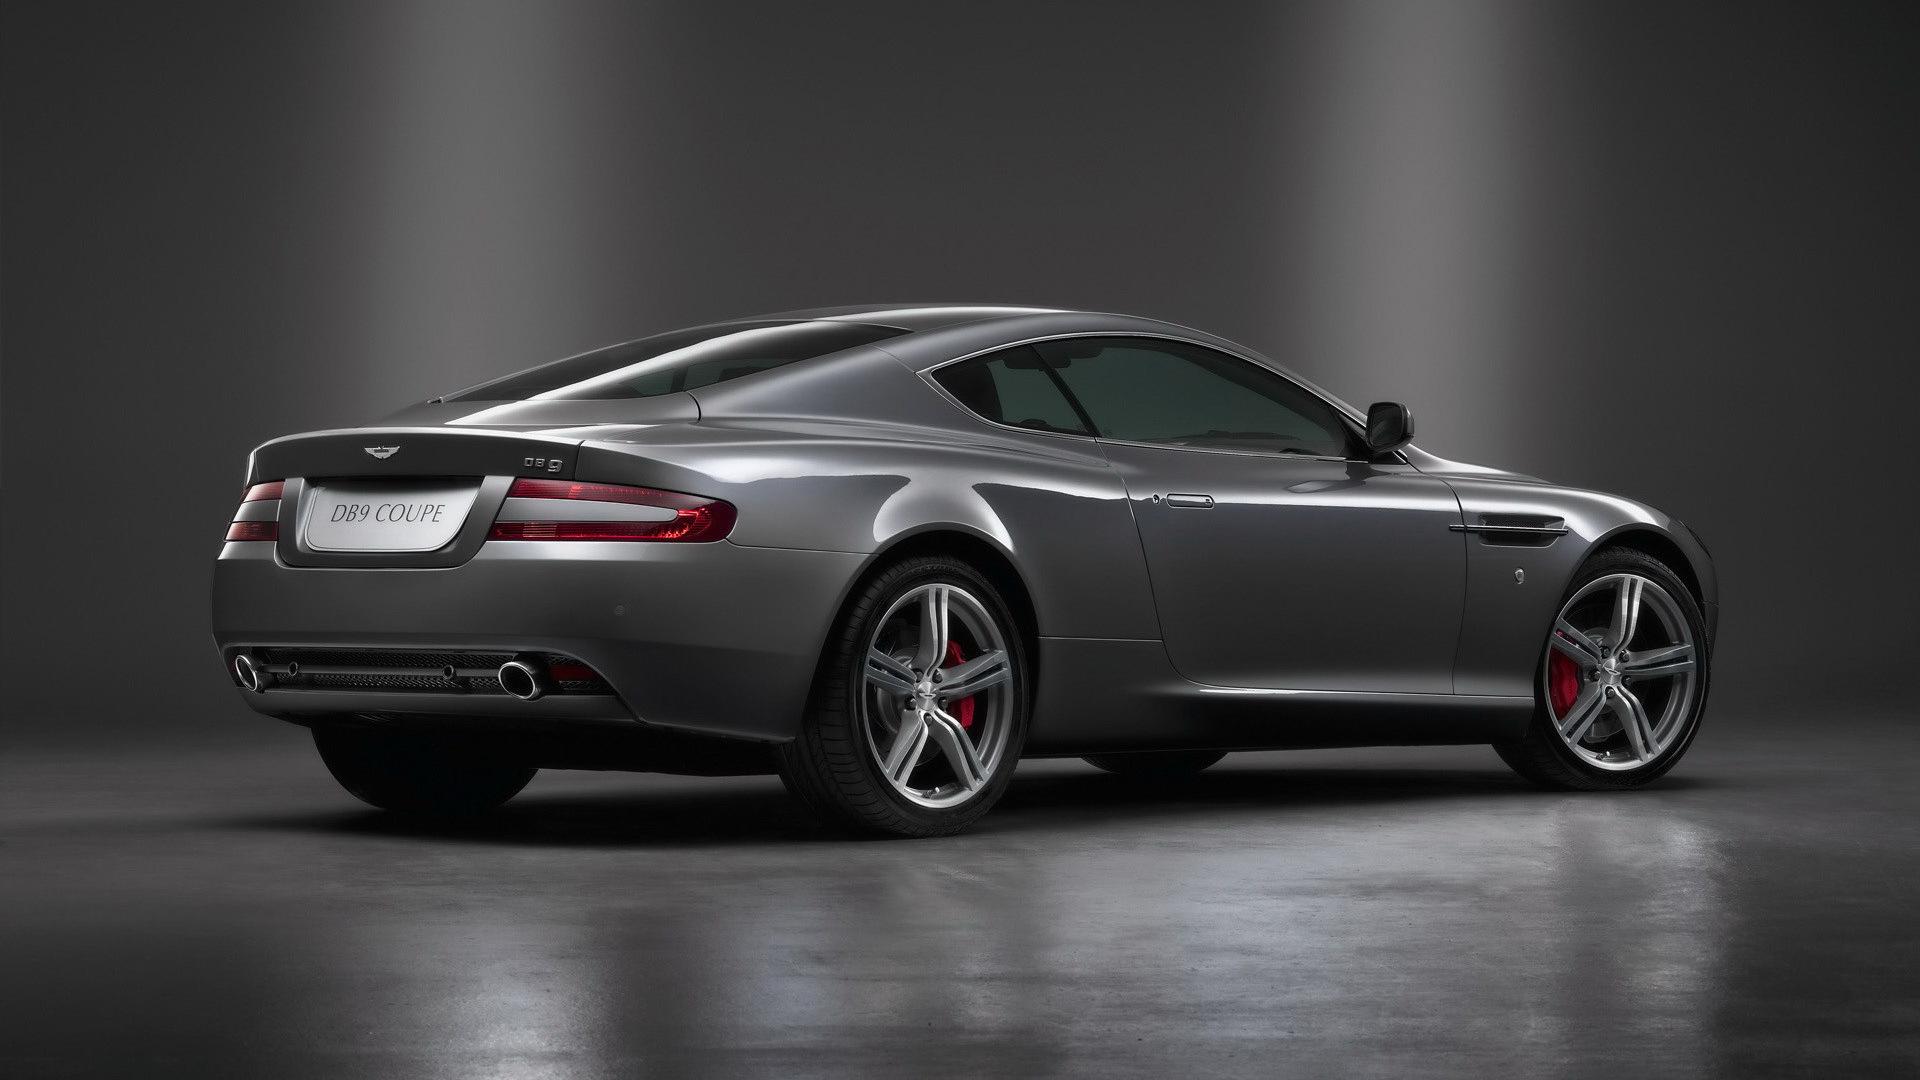 41748 скачать обои Транспорт, Машины, Астон Мартин (Aston Martin) - заставки и картинки бесплатно